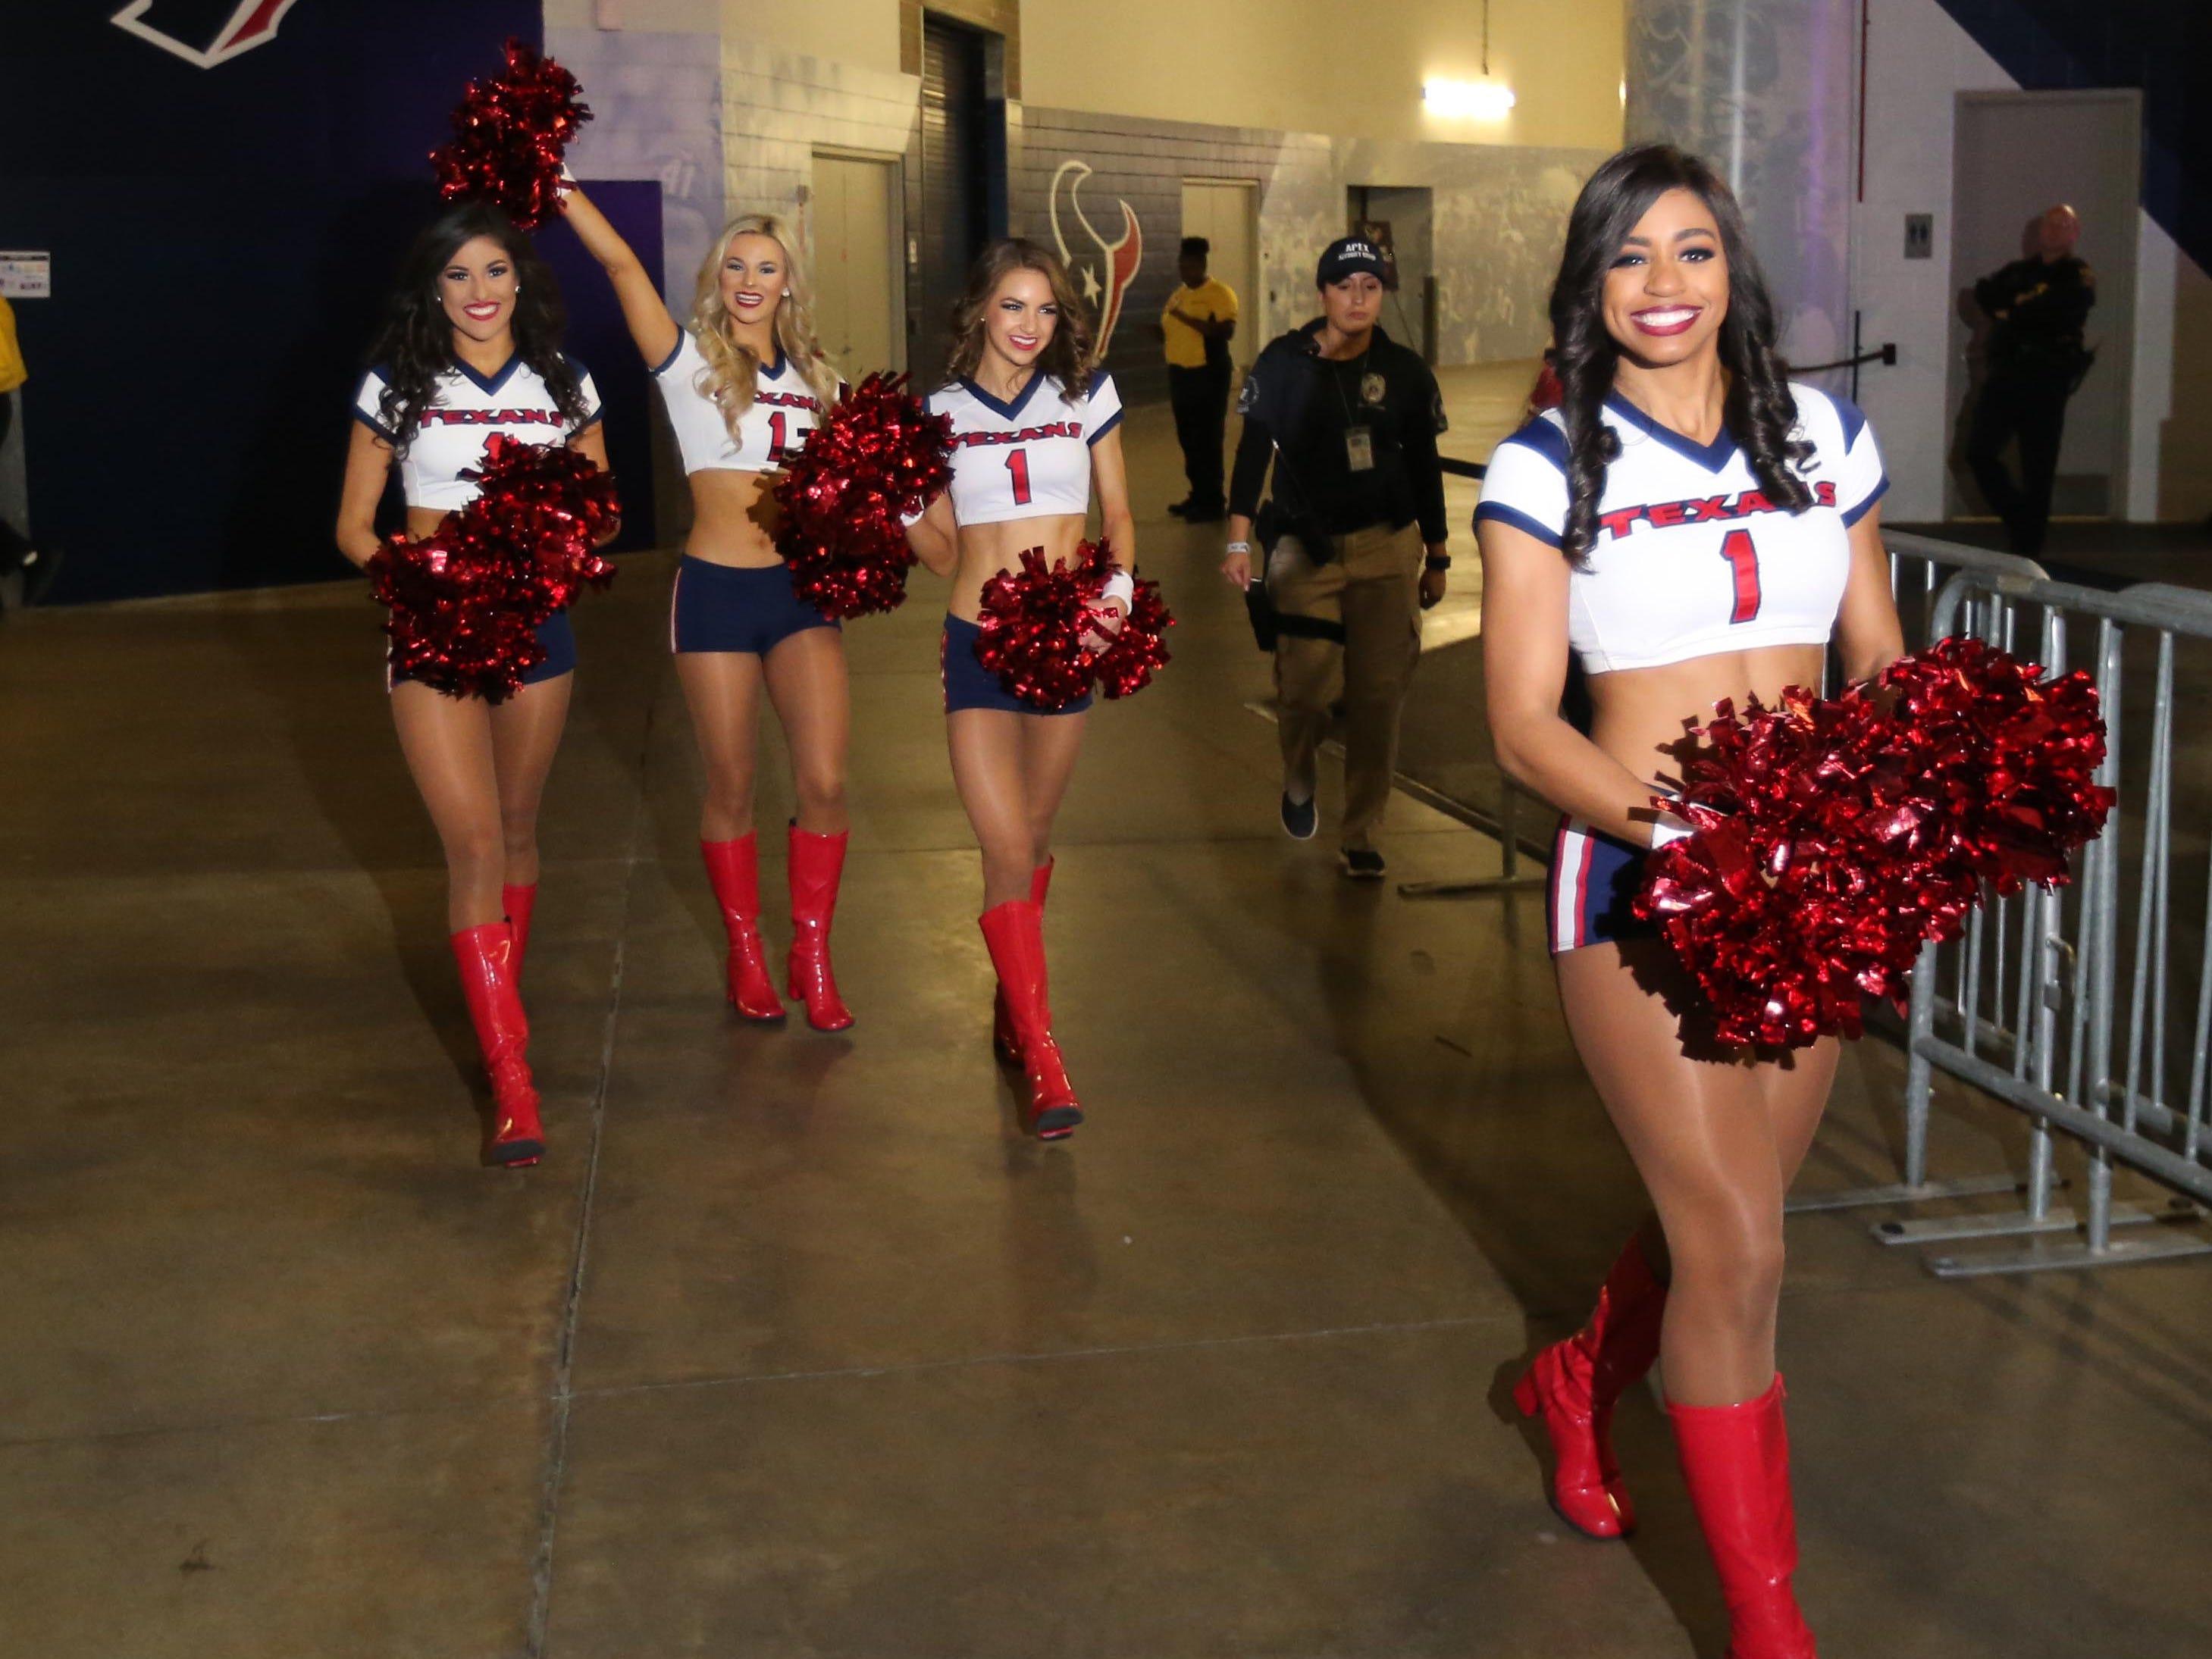 Wild-card round: Houston Texans